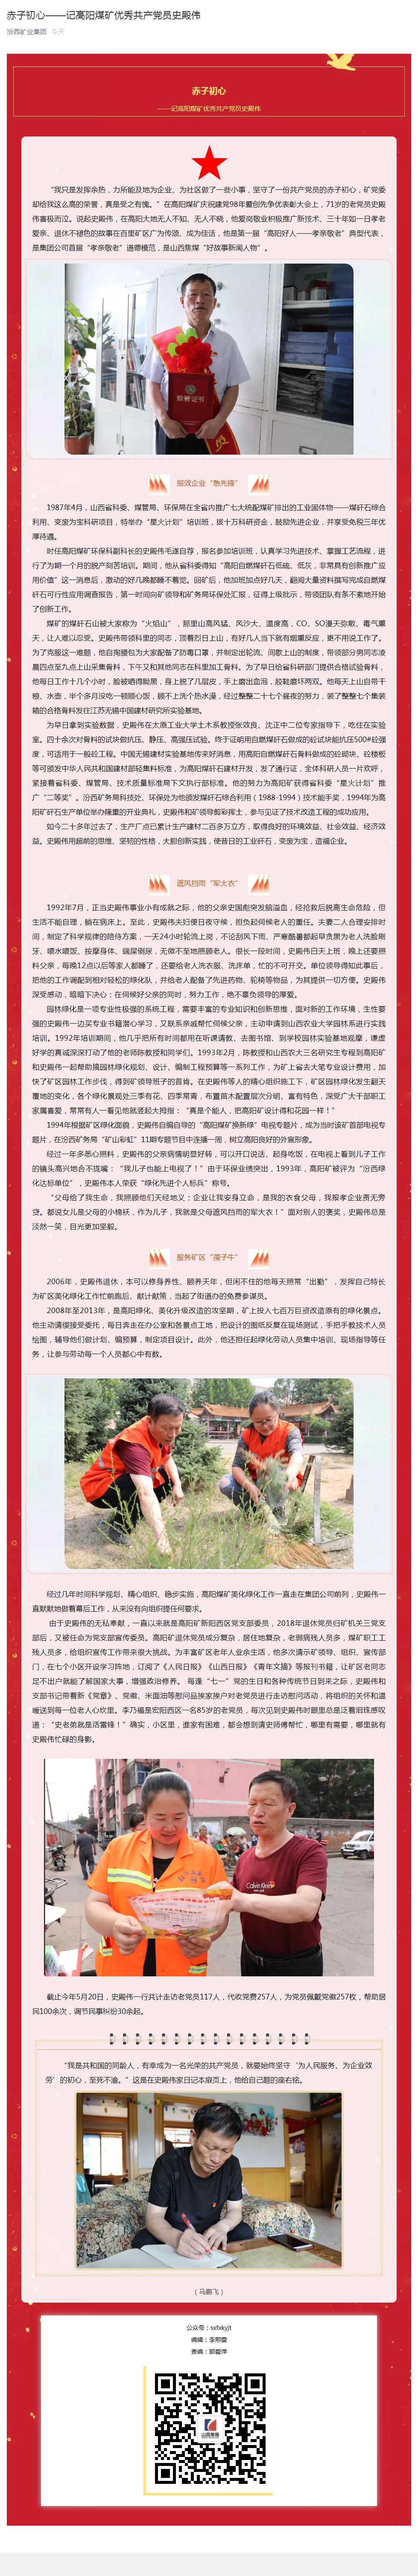 赤子初心——記高陽煤礦優秀共産黨員史殿偉.png